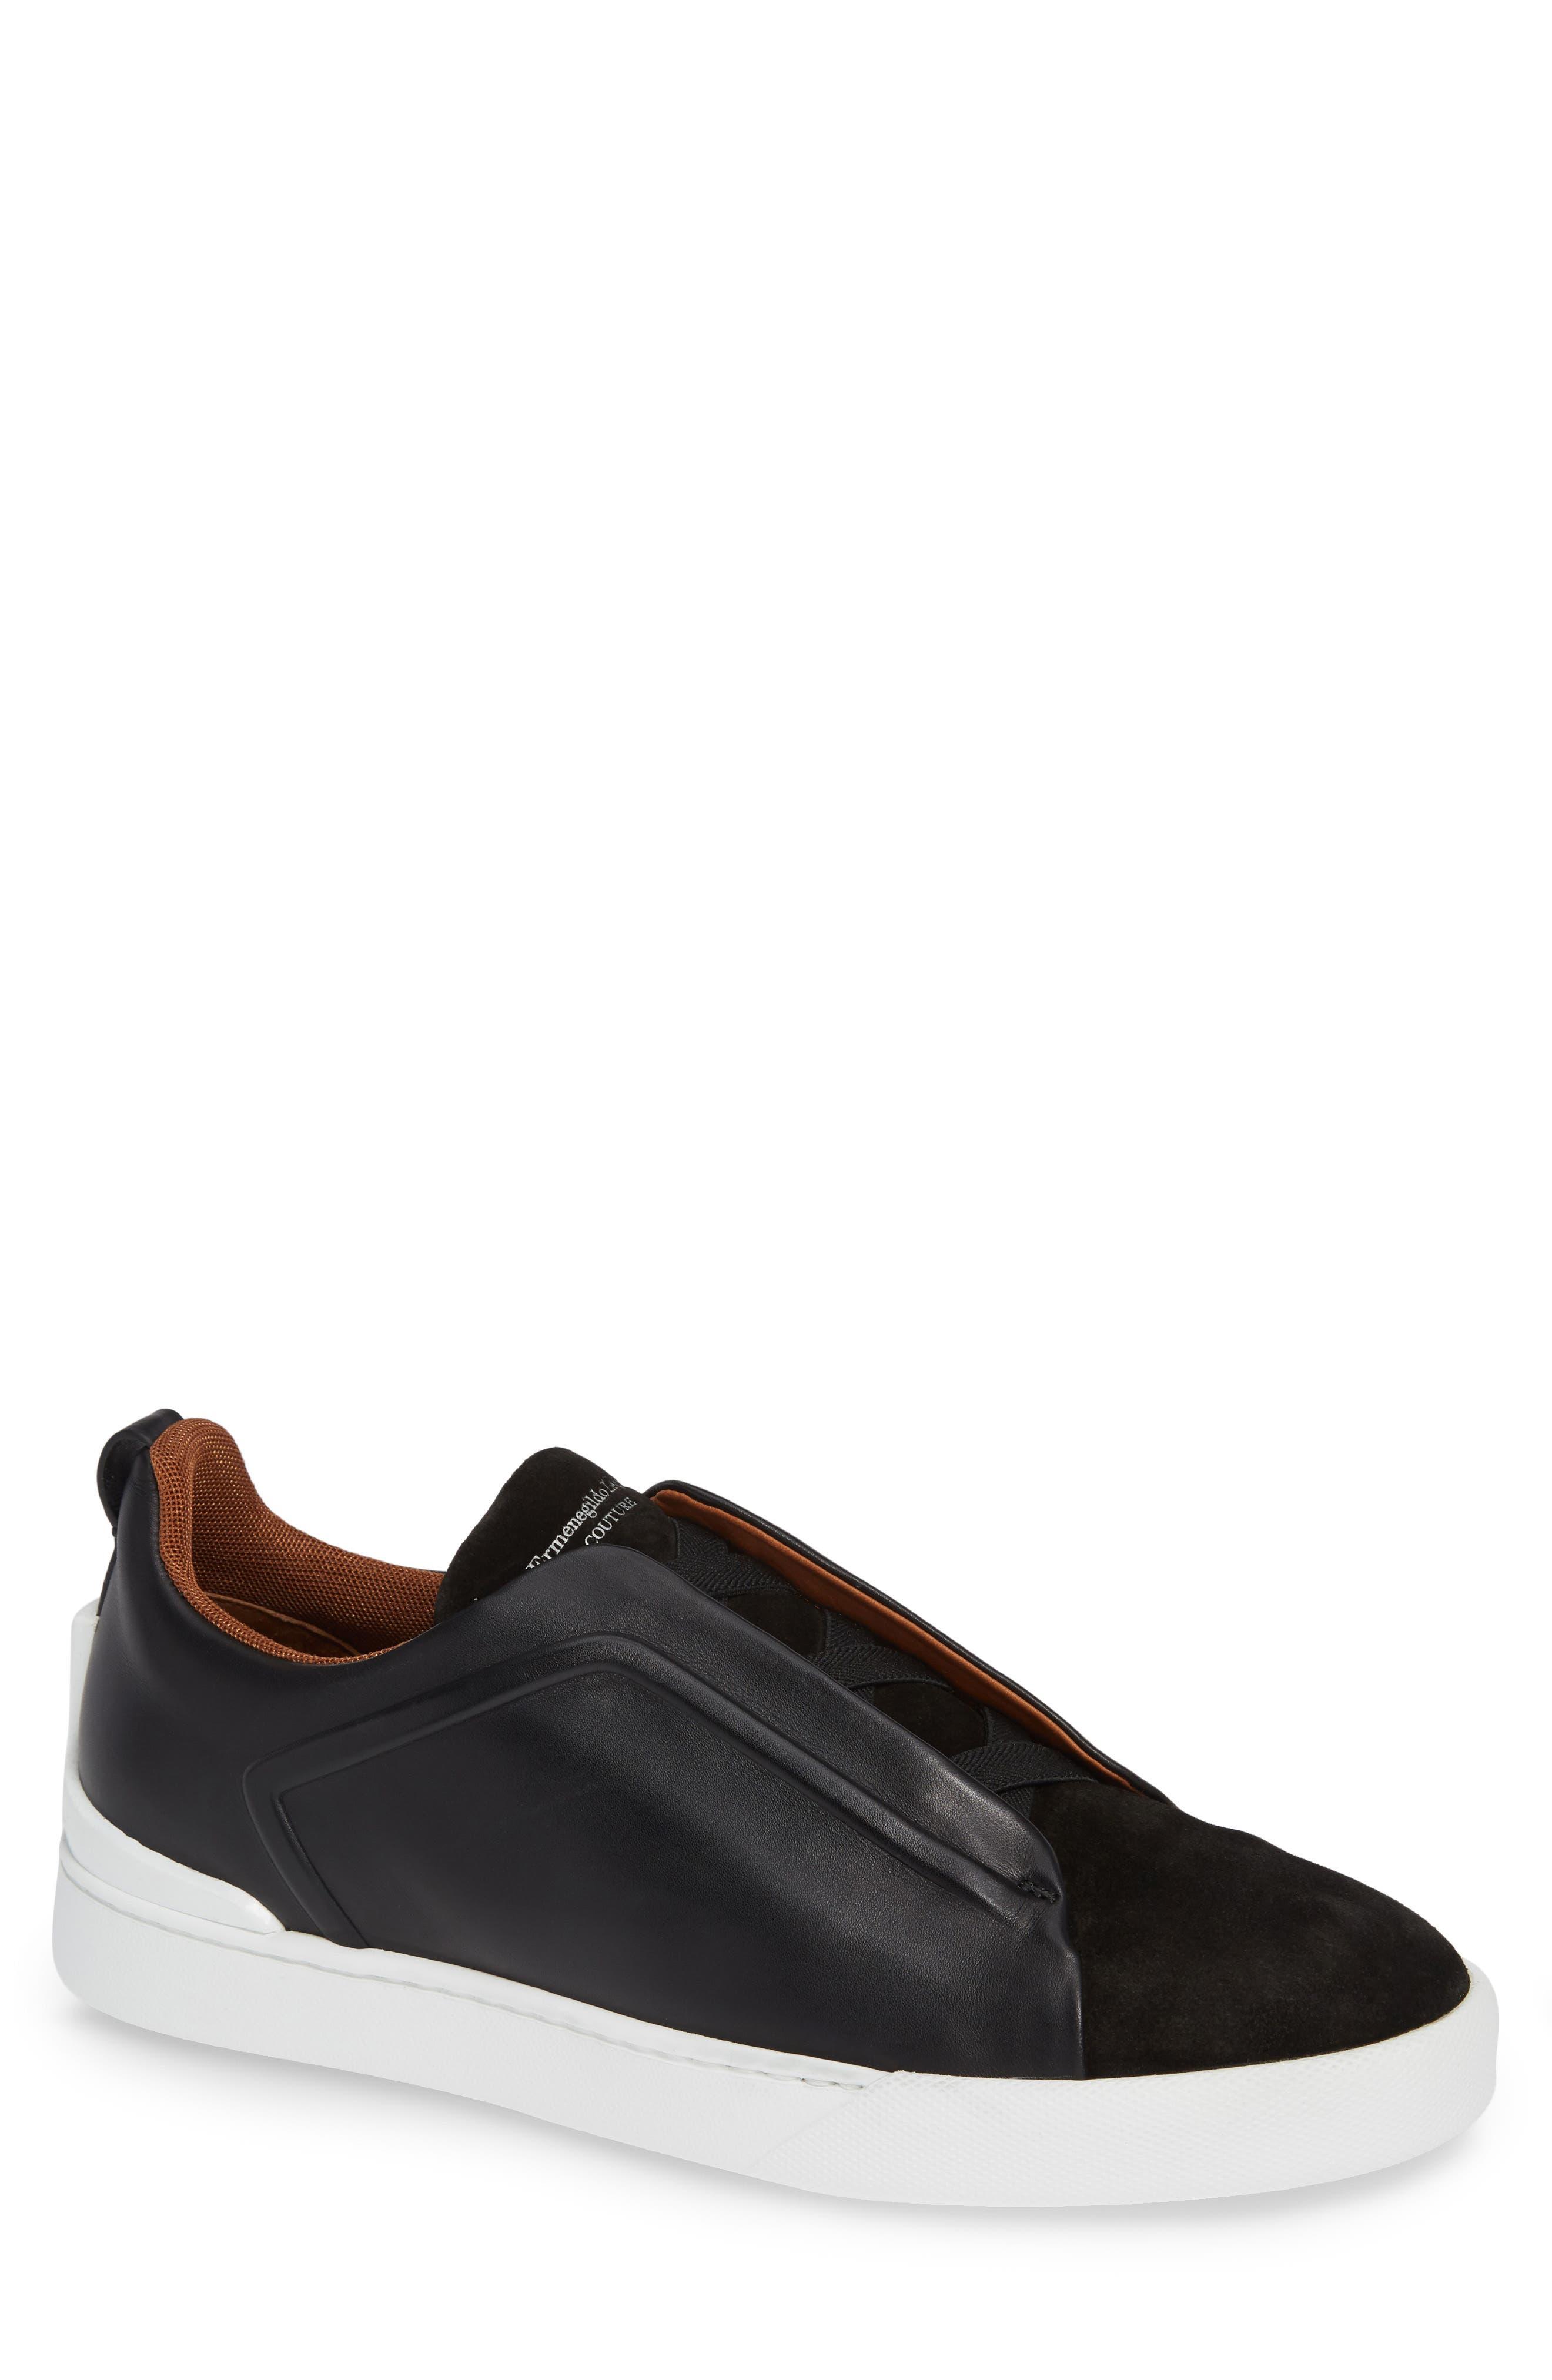 ae27c9e3442fd Men's Ermenegildo Zegna Shoes | Nordstrom